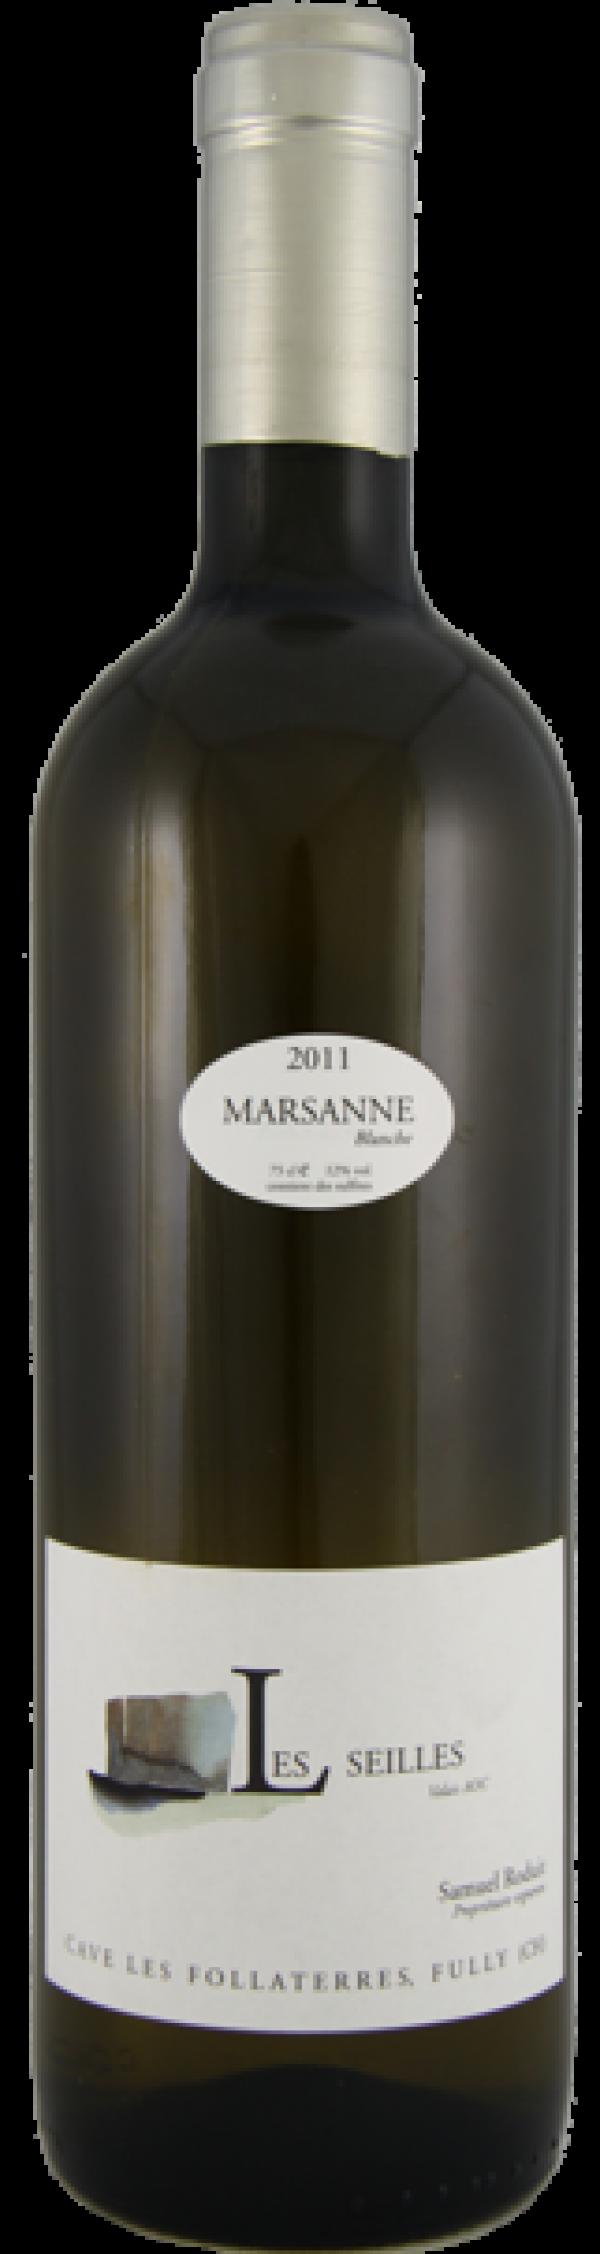 Marsanne blanche